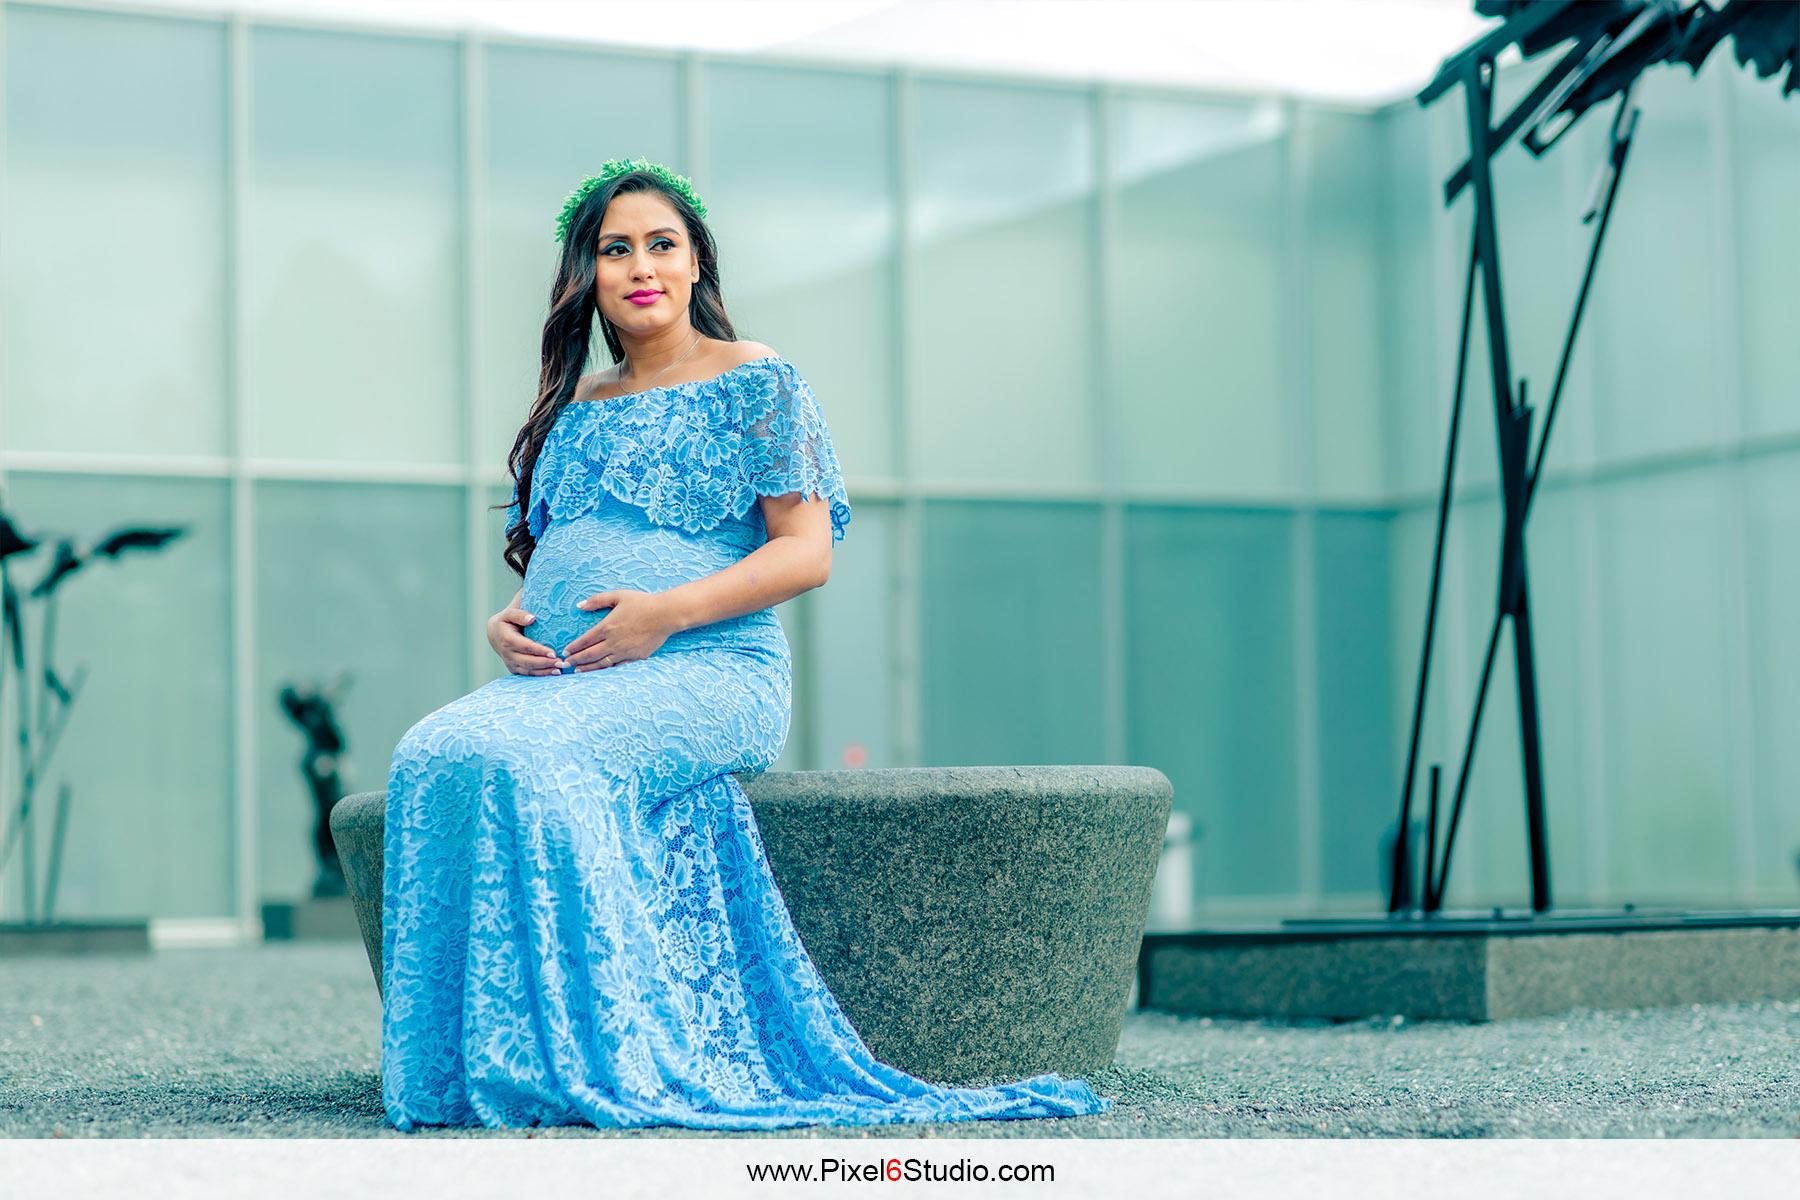 Surakshya | Maternity Session